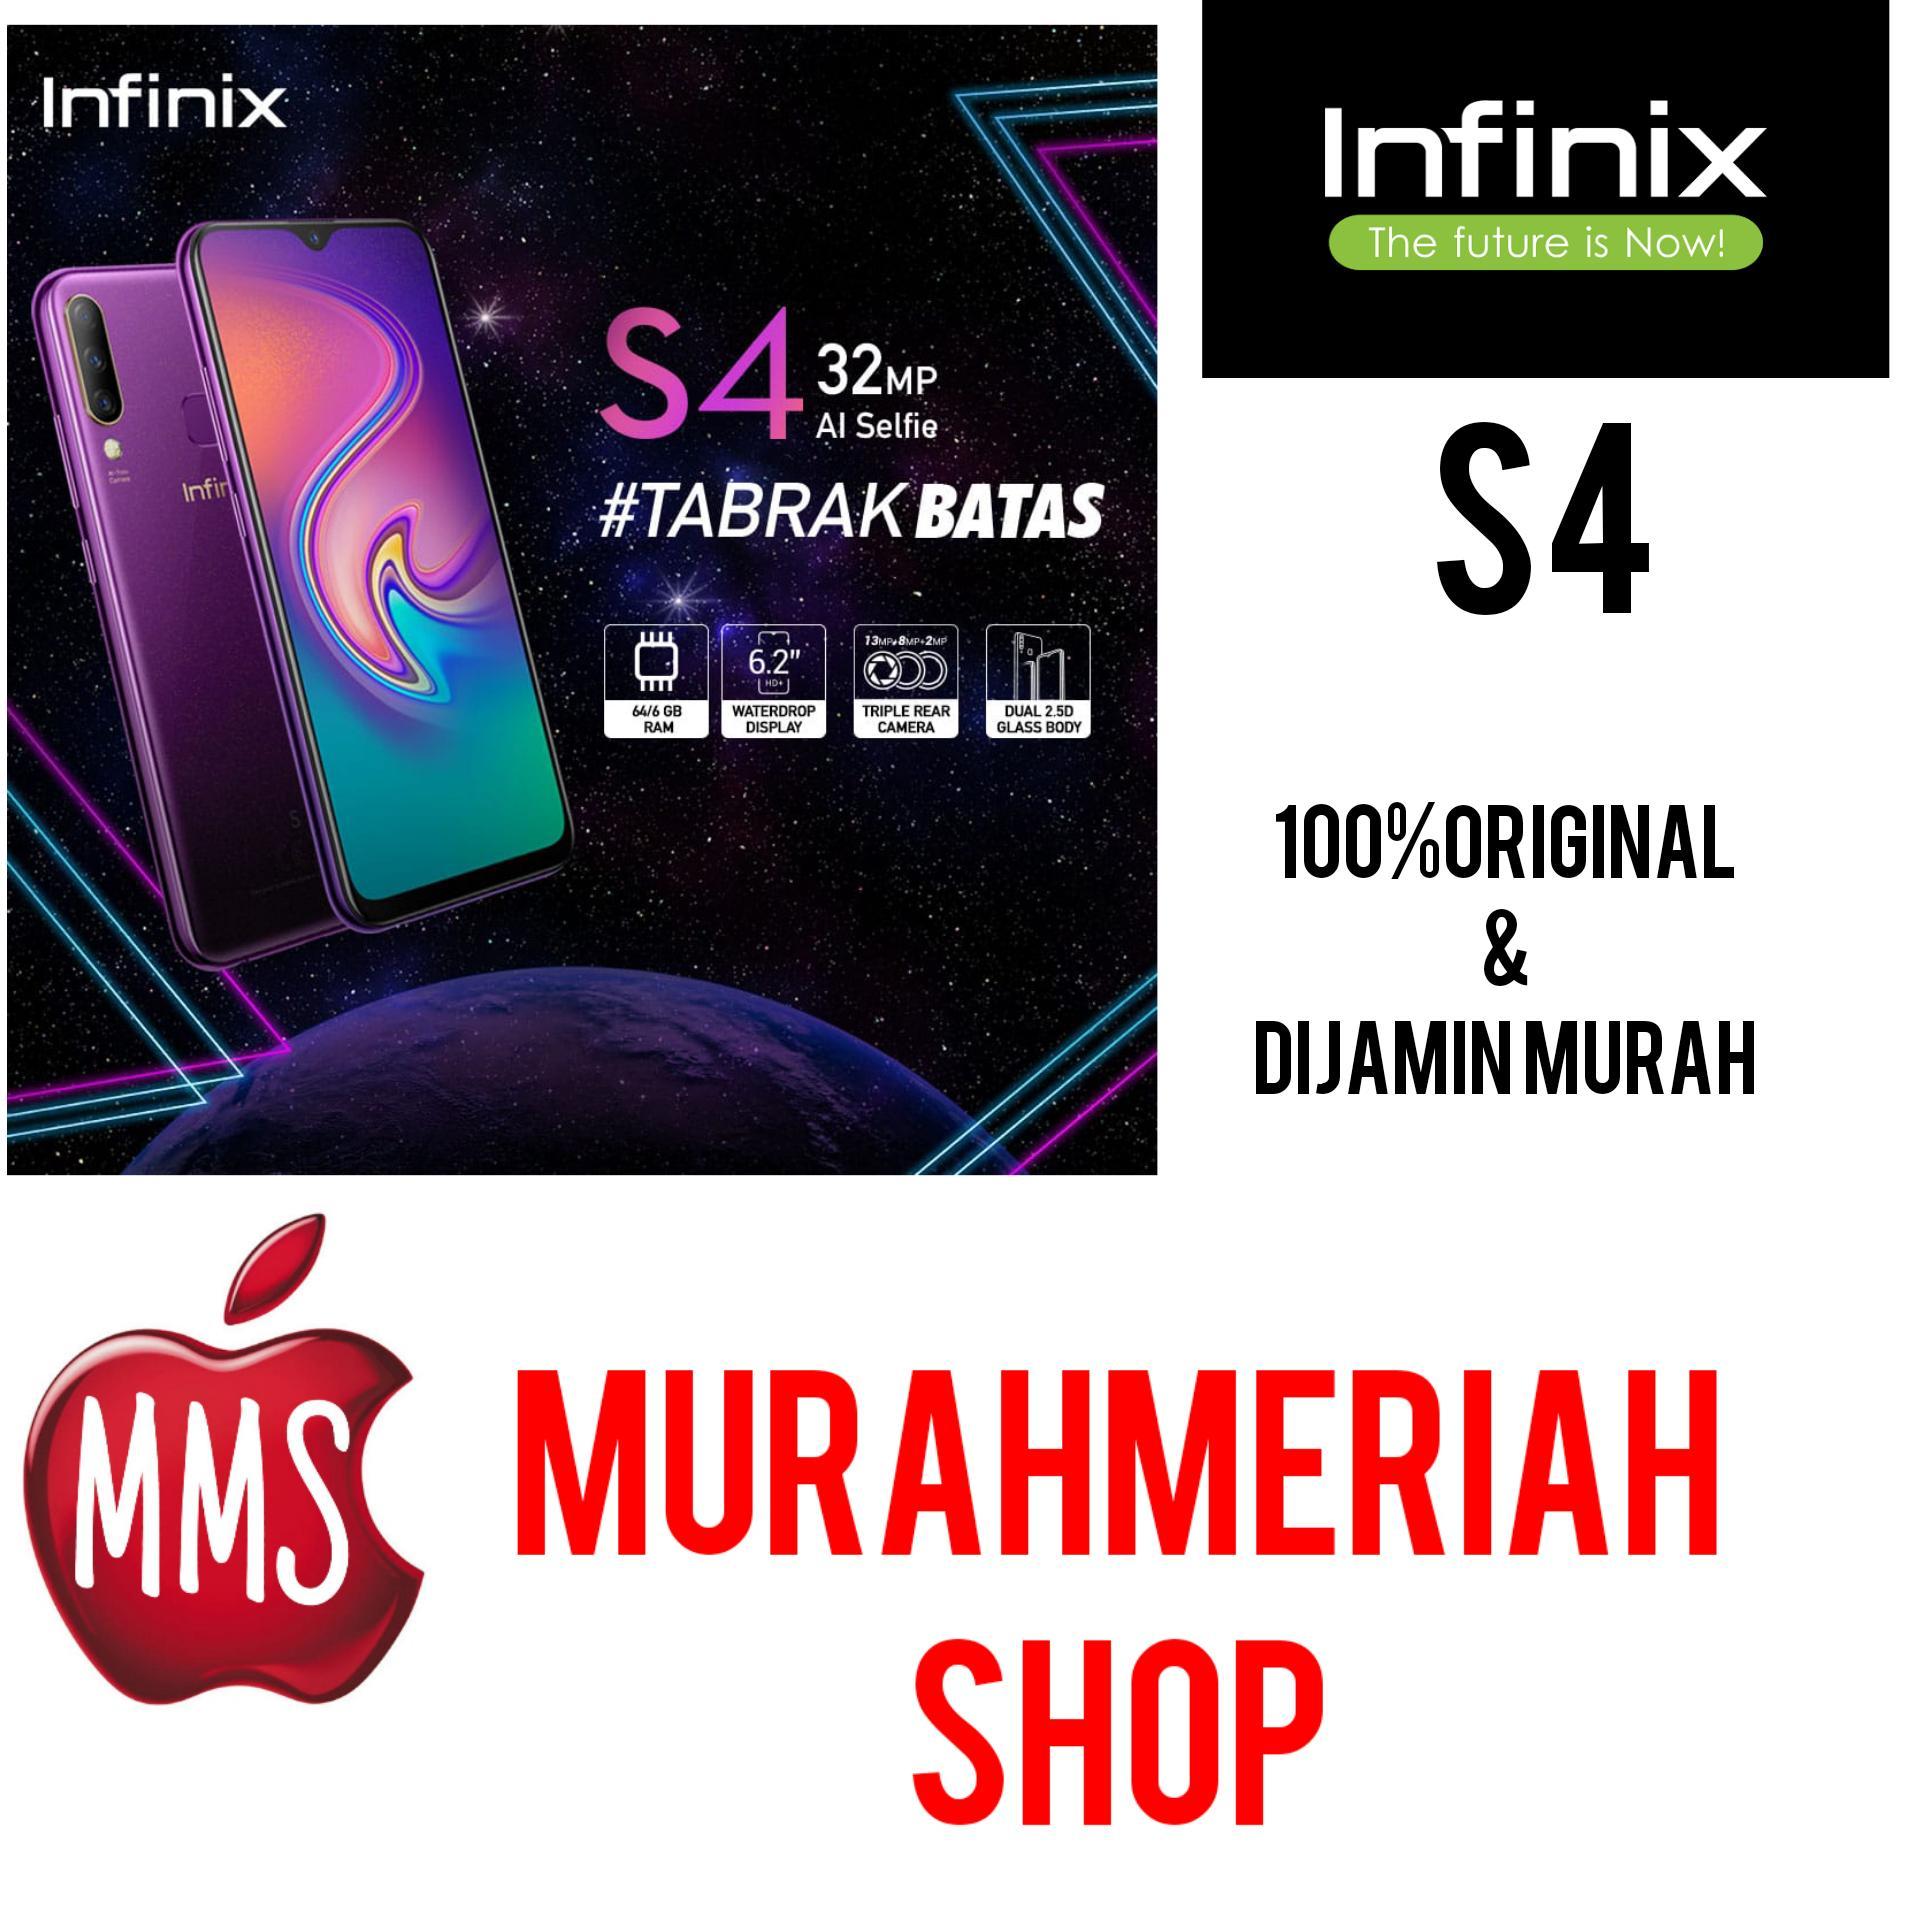 INFINIX S4 SMARTPHONE AI Selfie Camera 6/64 GB - BIRU - GARANSI RESMI INFINIX INDONESIA